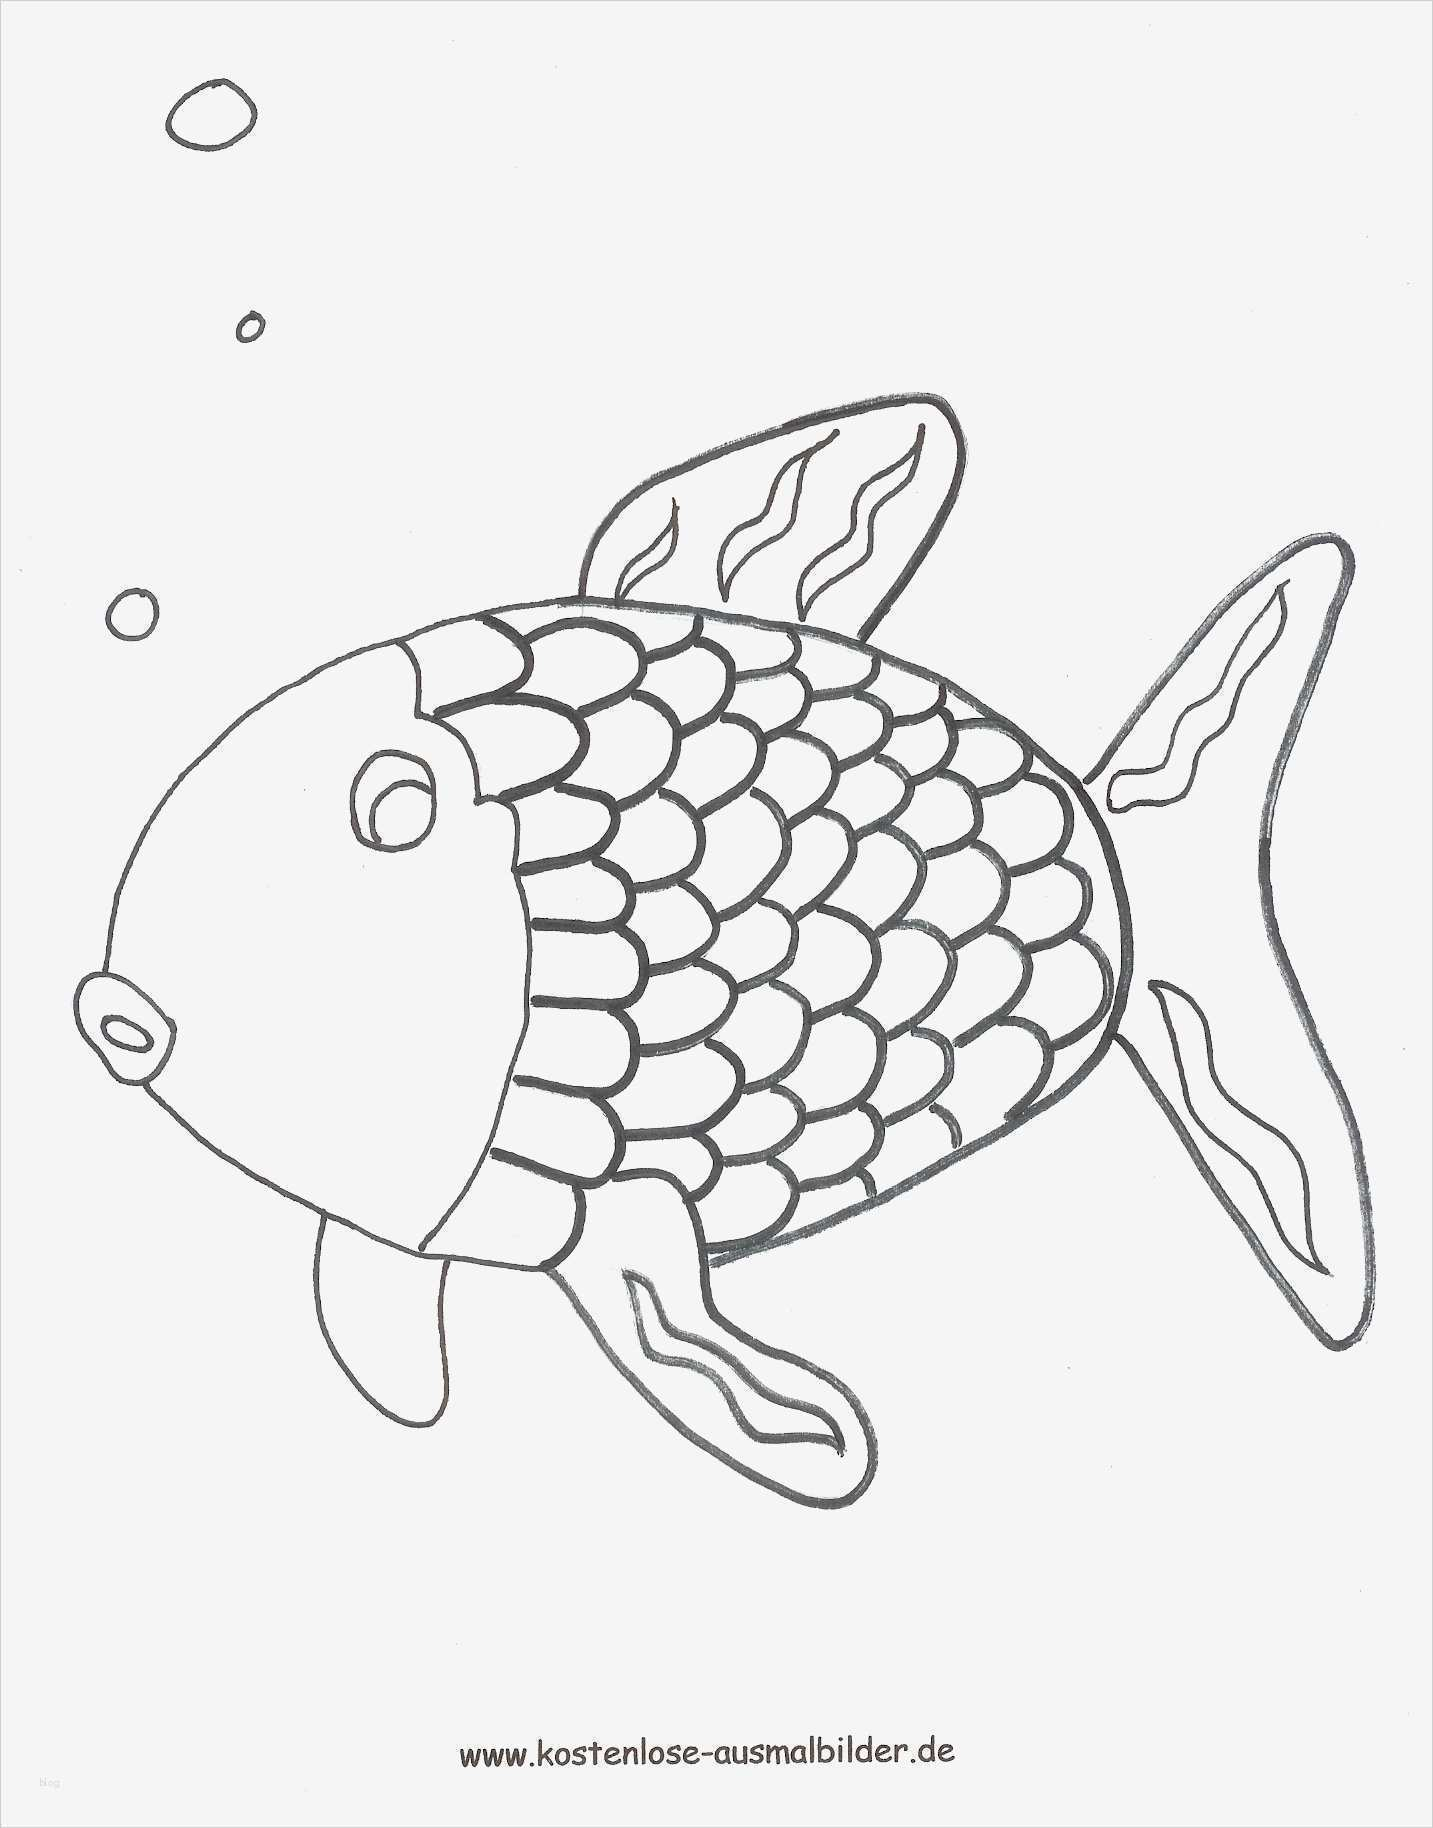 fische zeichnen vorlagen cool ausmalbilder regenbogenfisch